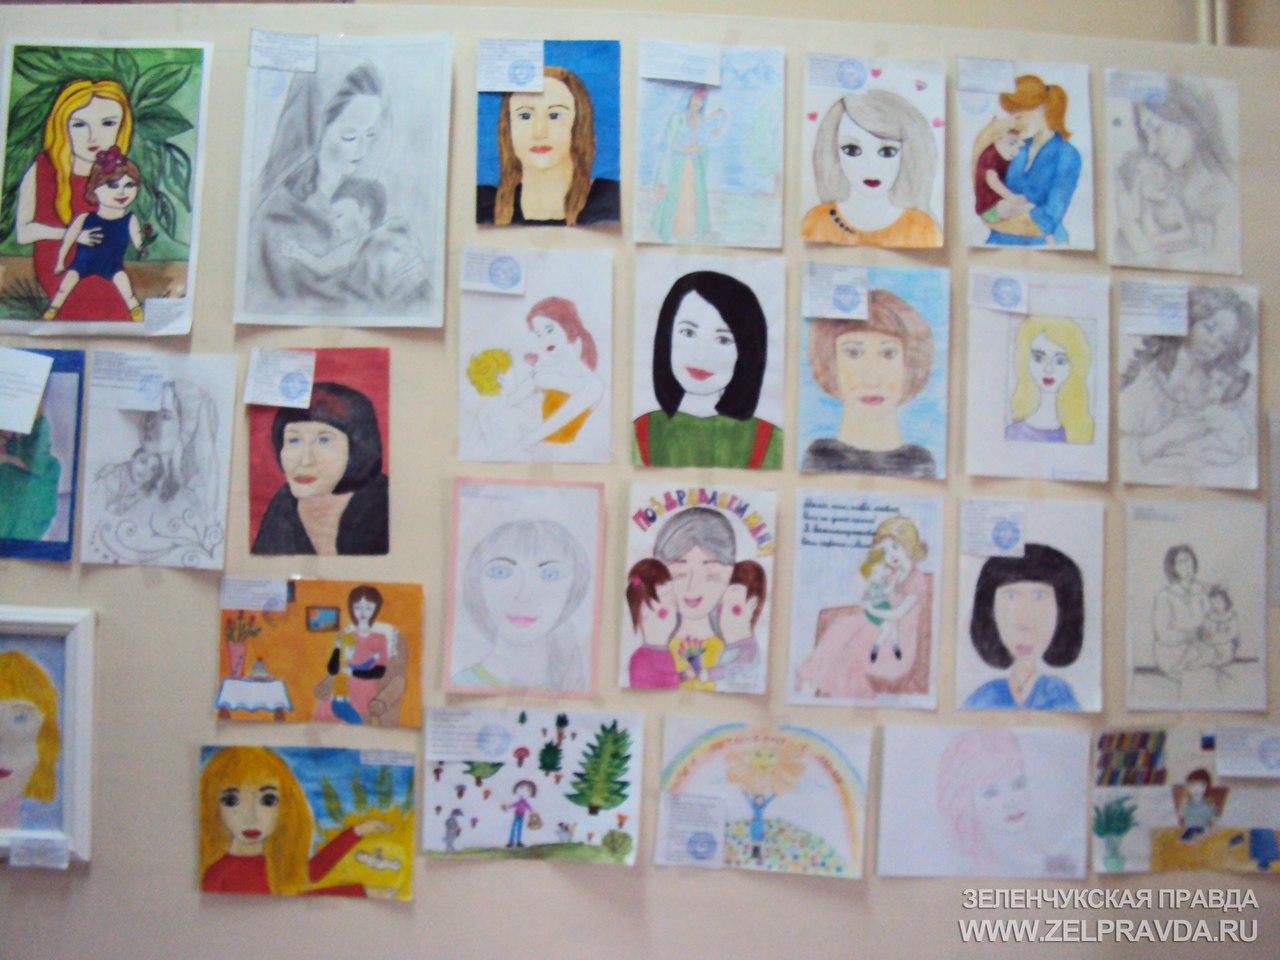 В Зеленчукской прошла выставка рисунков «Больше всех на свете маму я люблю»